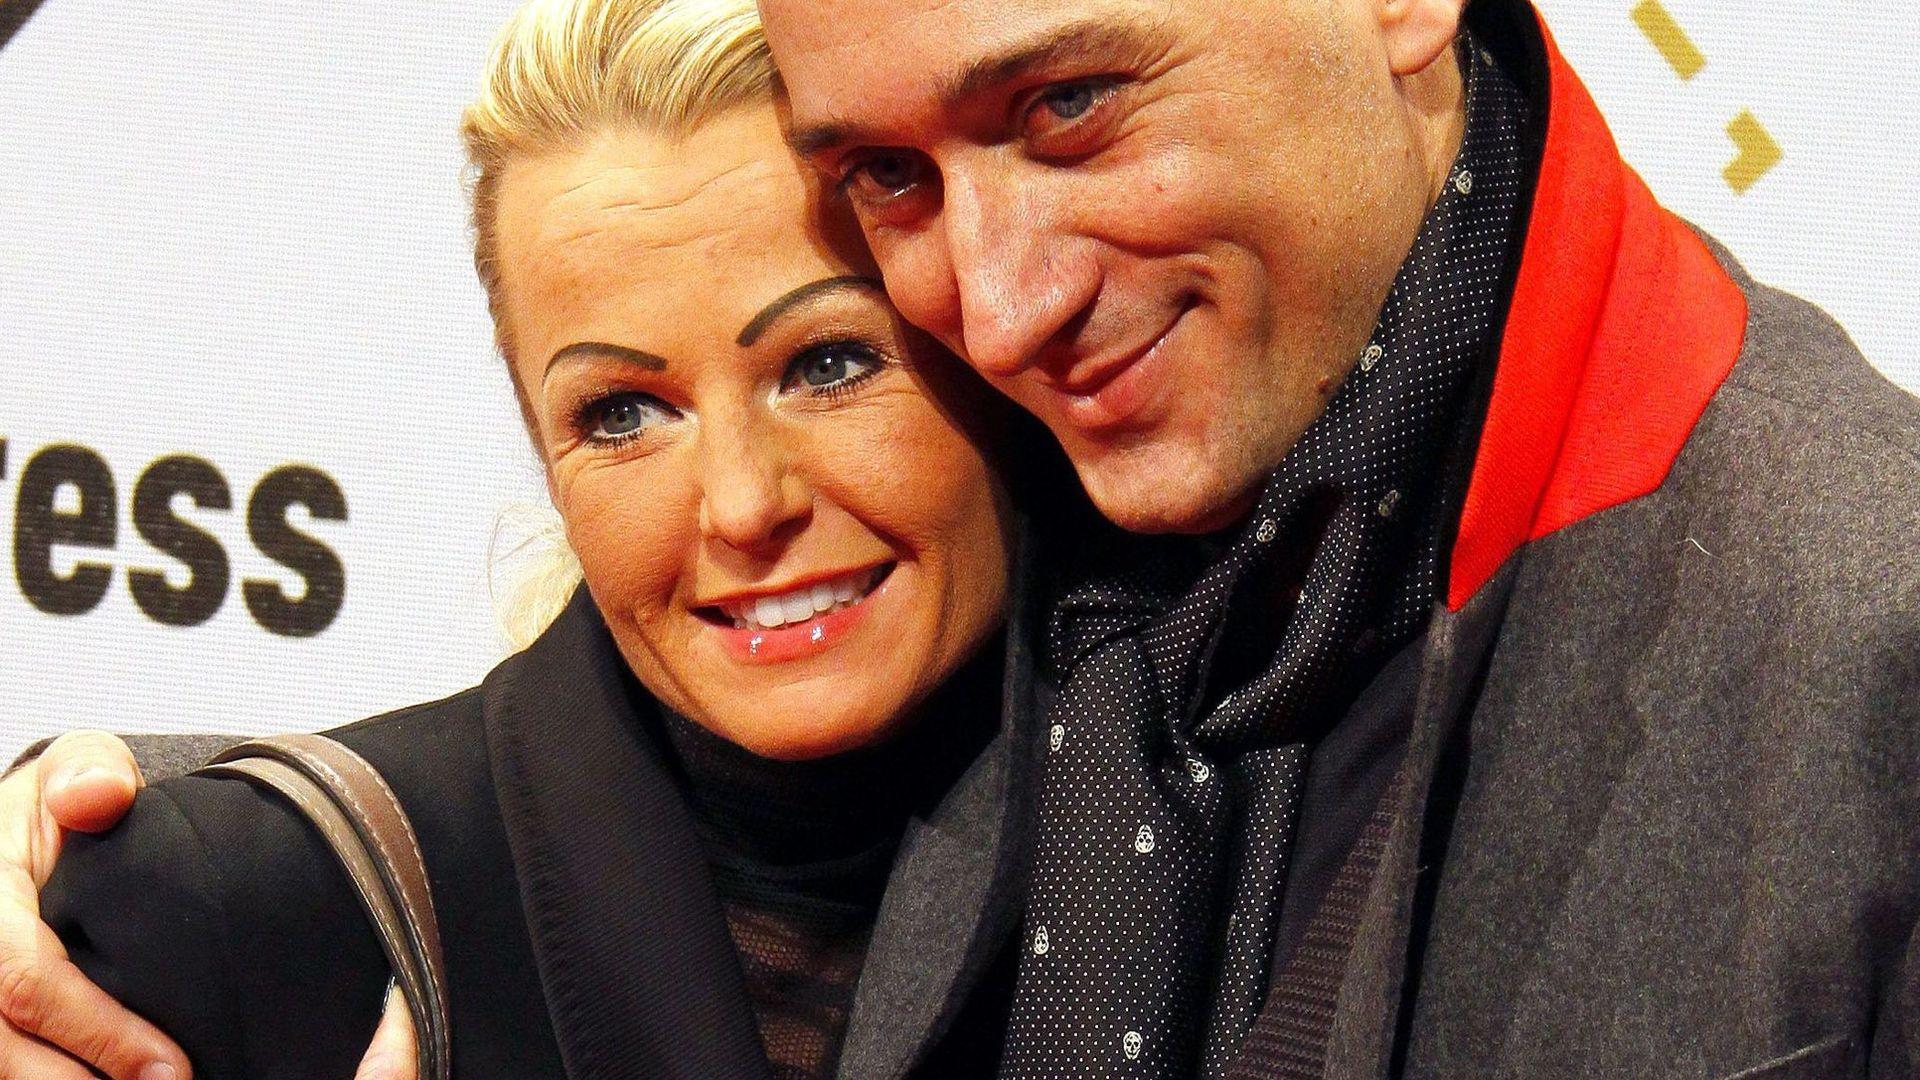 Dj Paul Van Dyk Scheidung Nach 13 Jahren Promiflashde